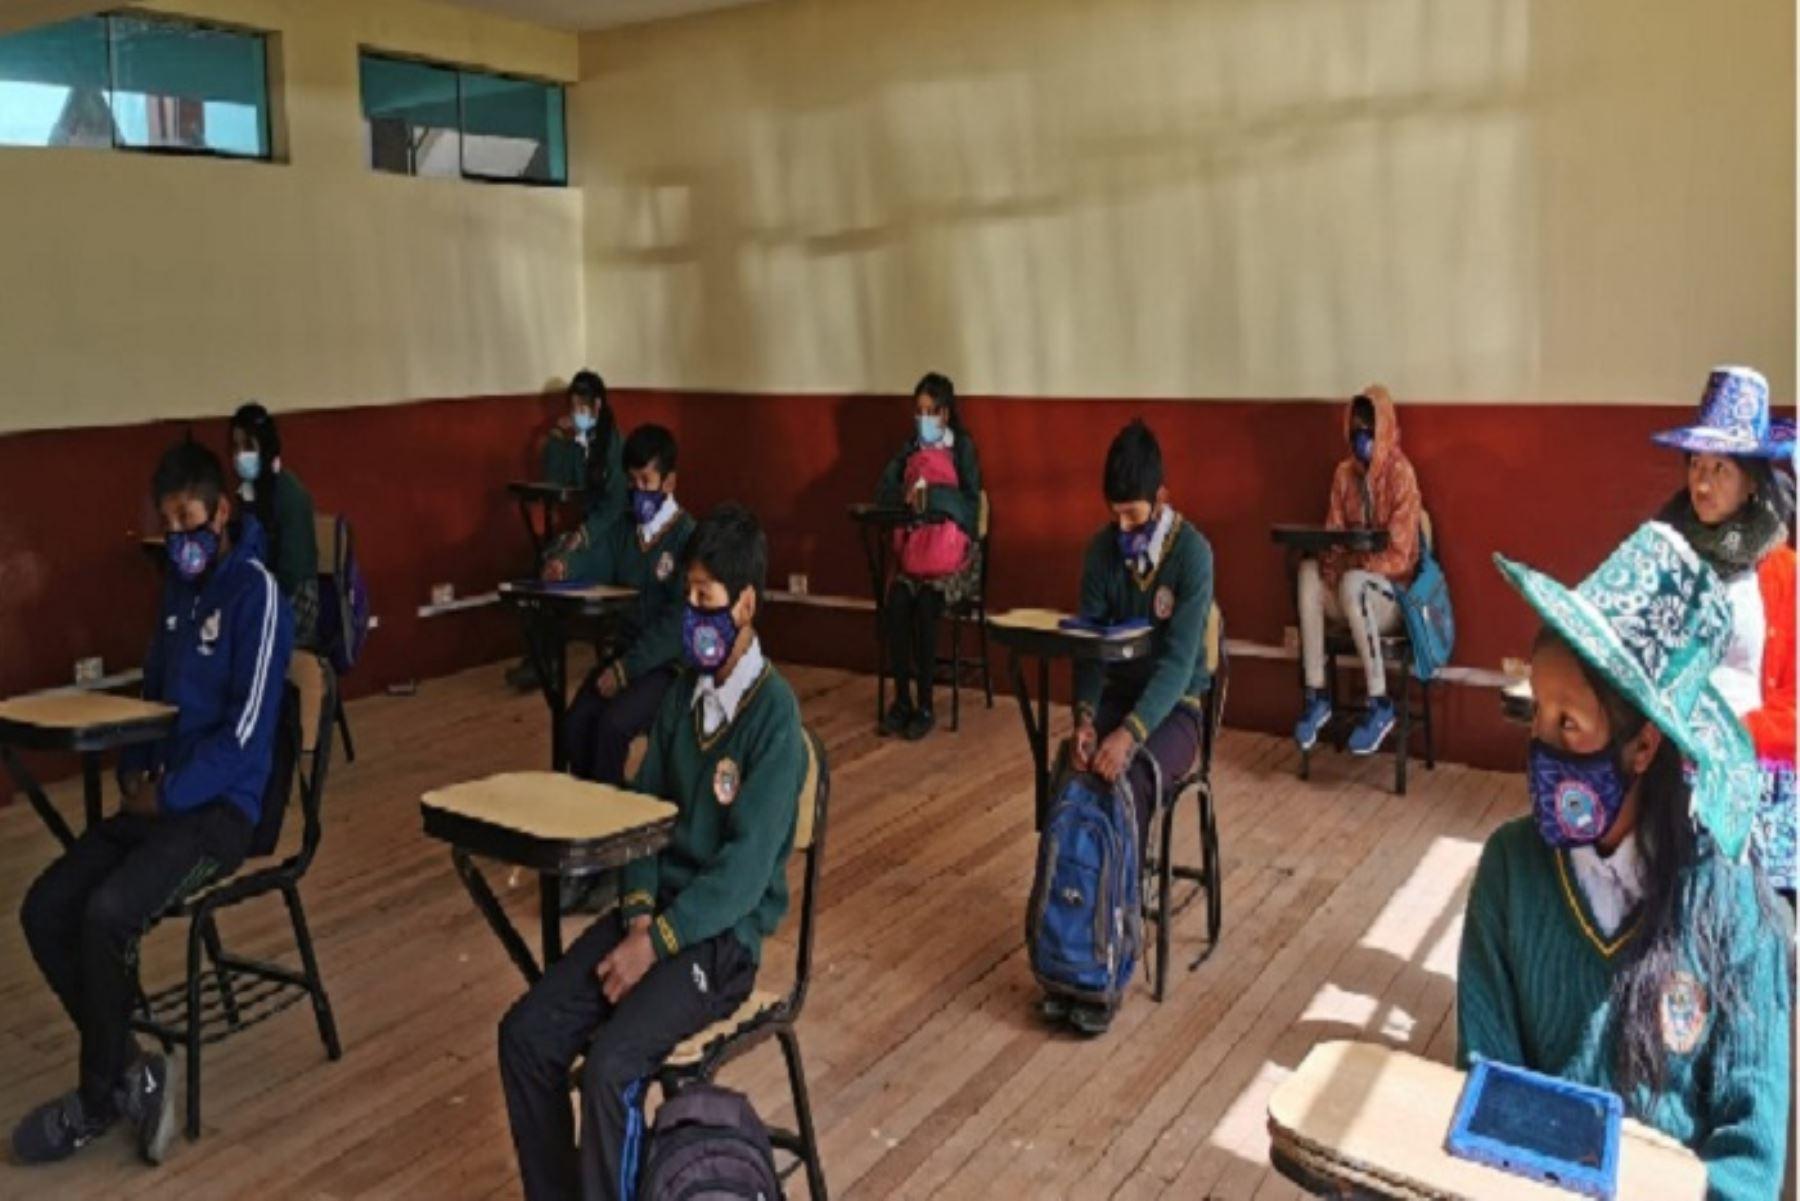 Los alumnos acudirán a sus aulas tres veces por semana de manera alternada, para lo cual se tuvo autorización de los padres de familia.